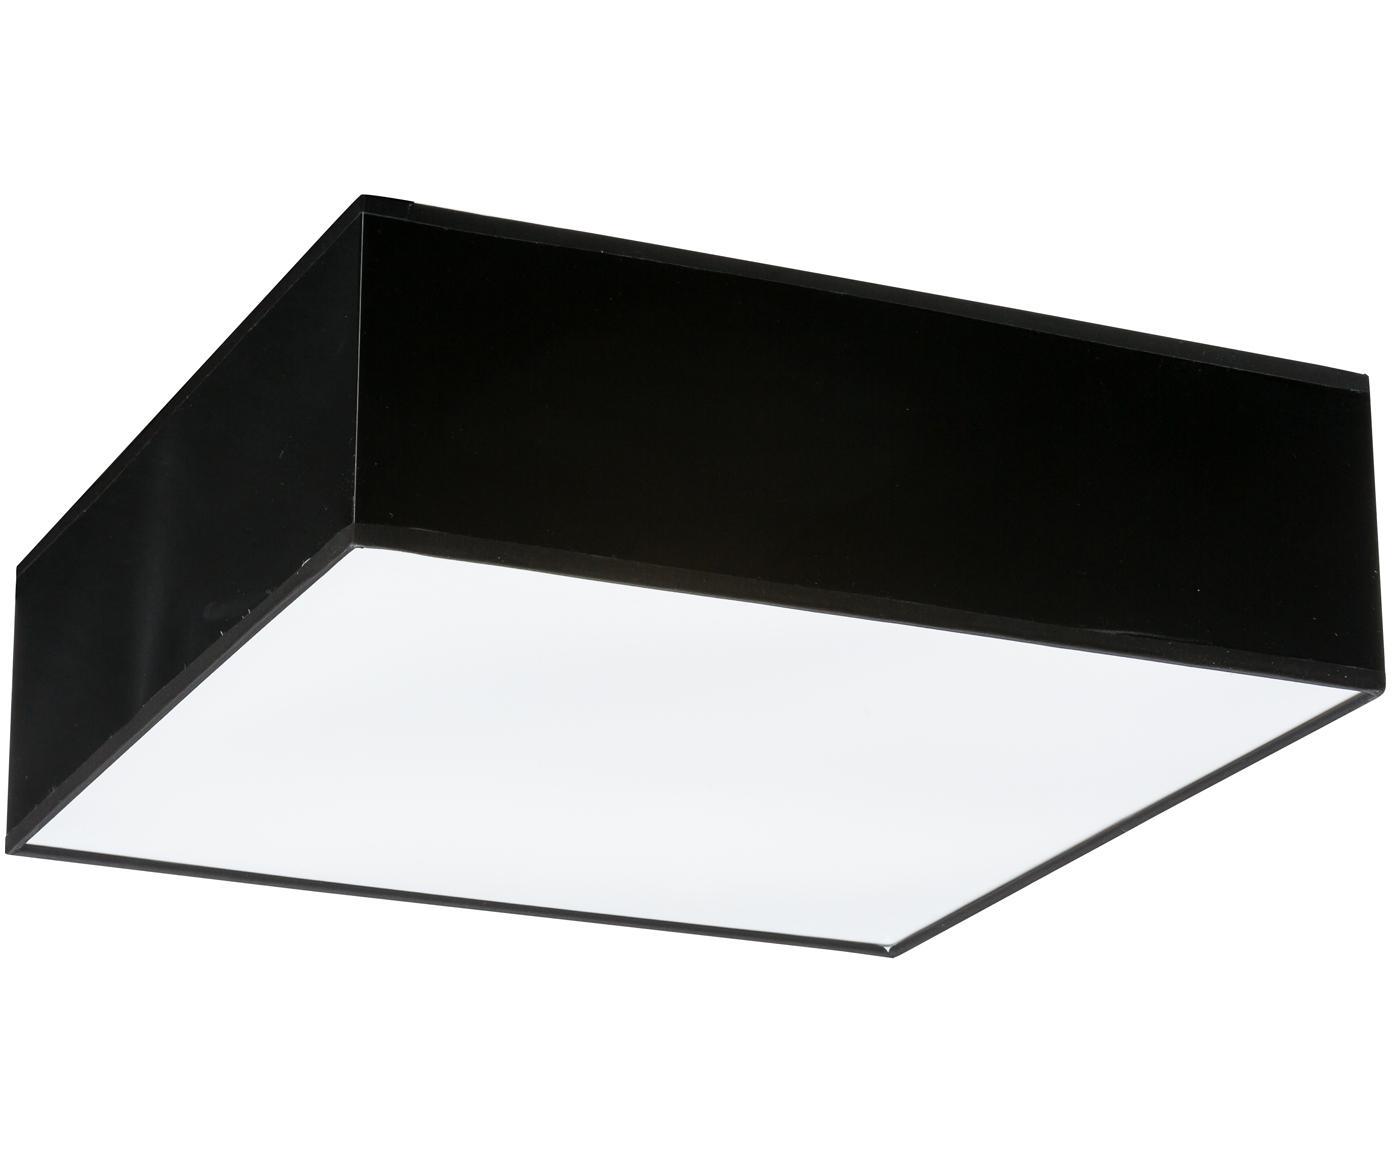 Deckenleuchte Mitra aus Kunststoff, Kunststoff (PVC), Rahmen: Schwarz<br>Diffusor: Weiß, 35 x 12 cm